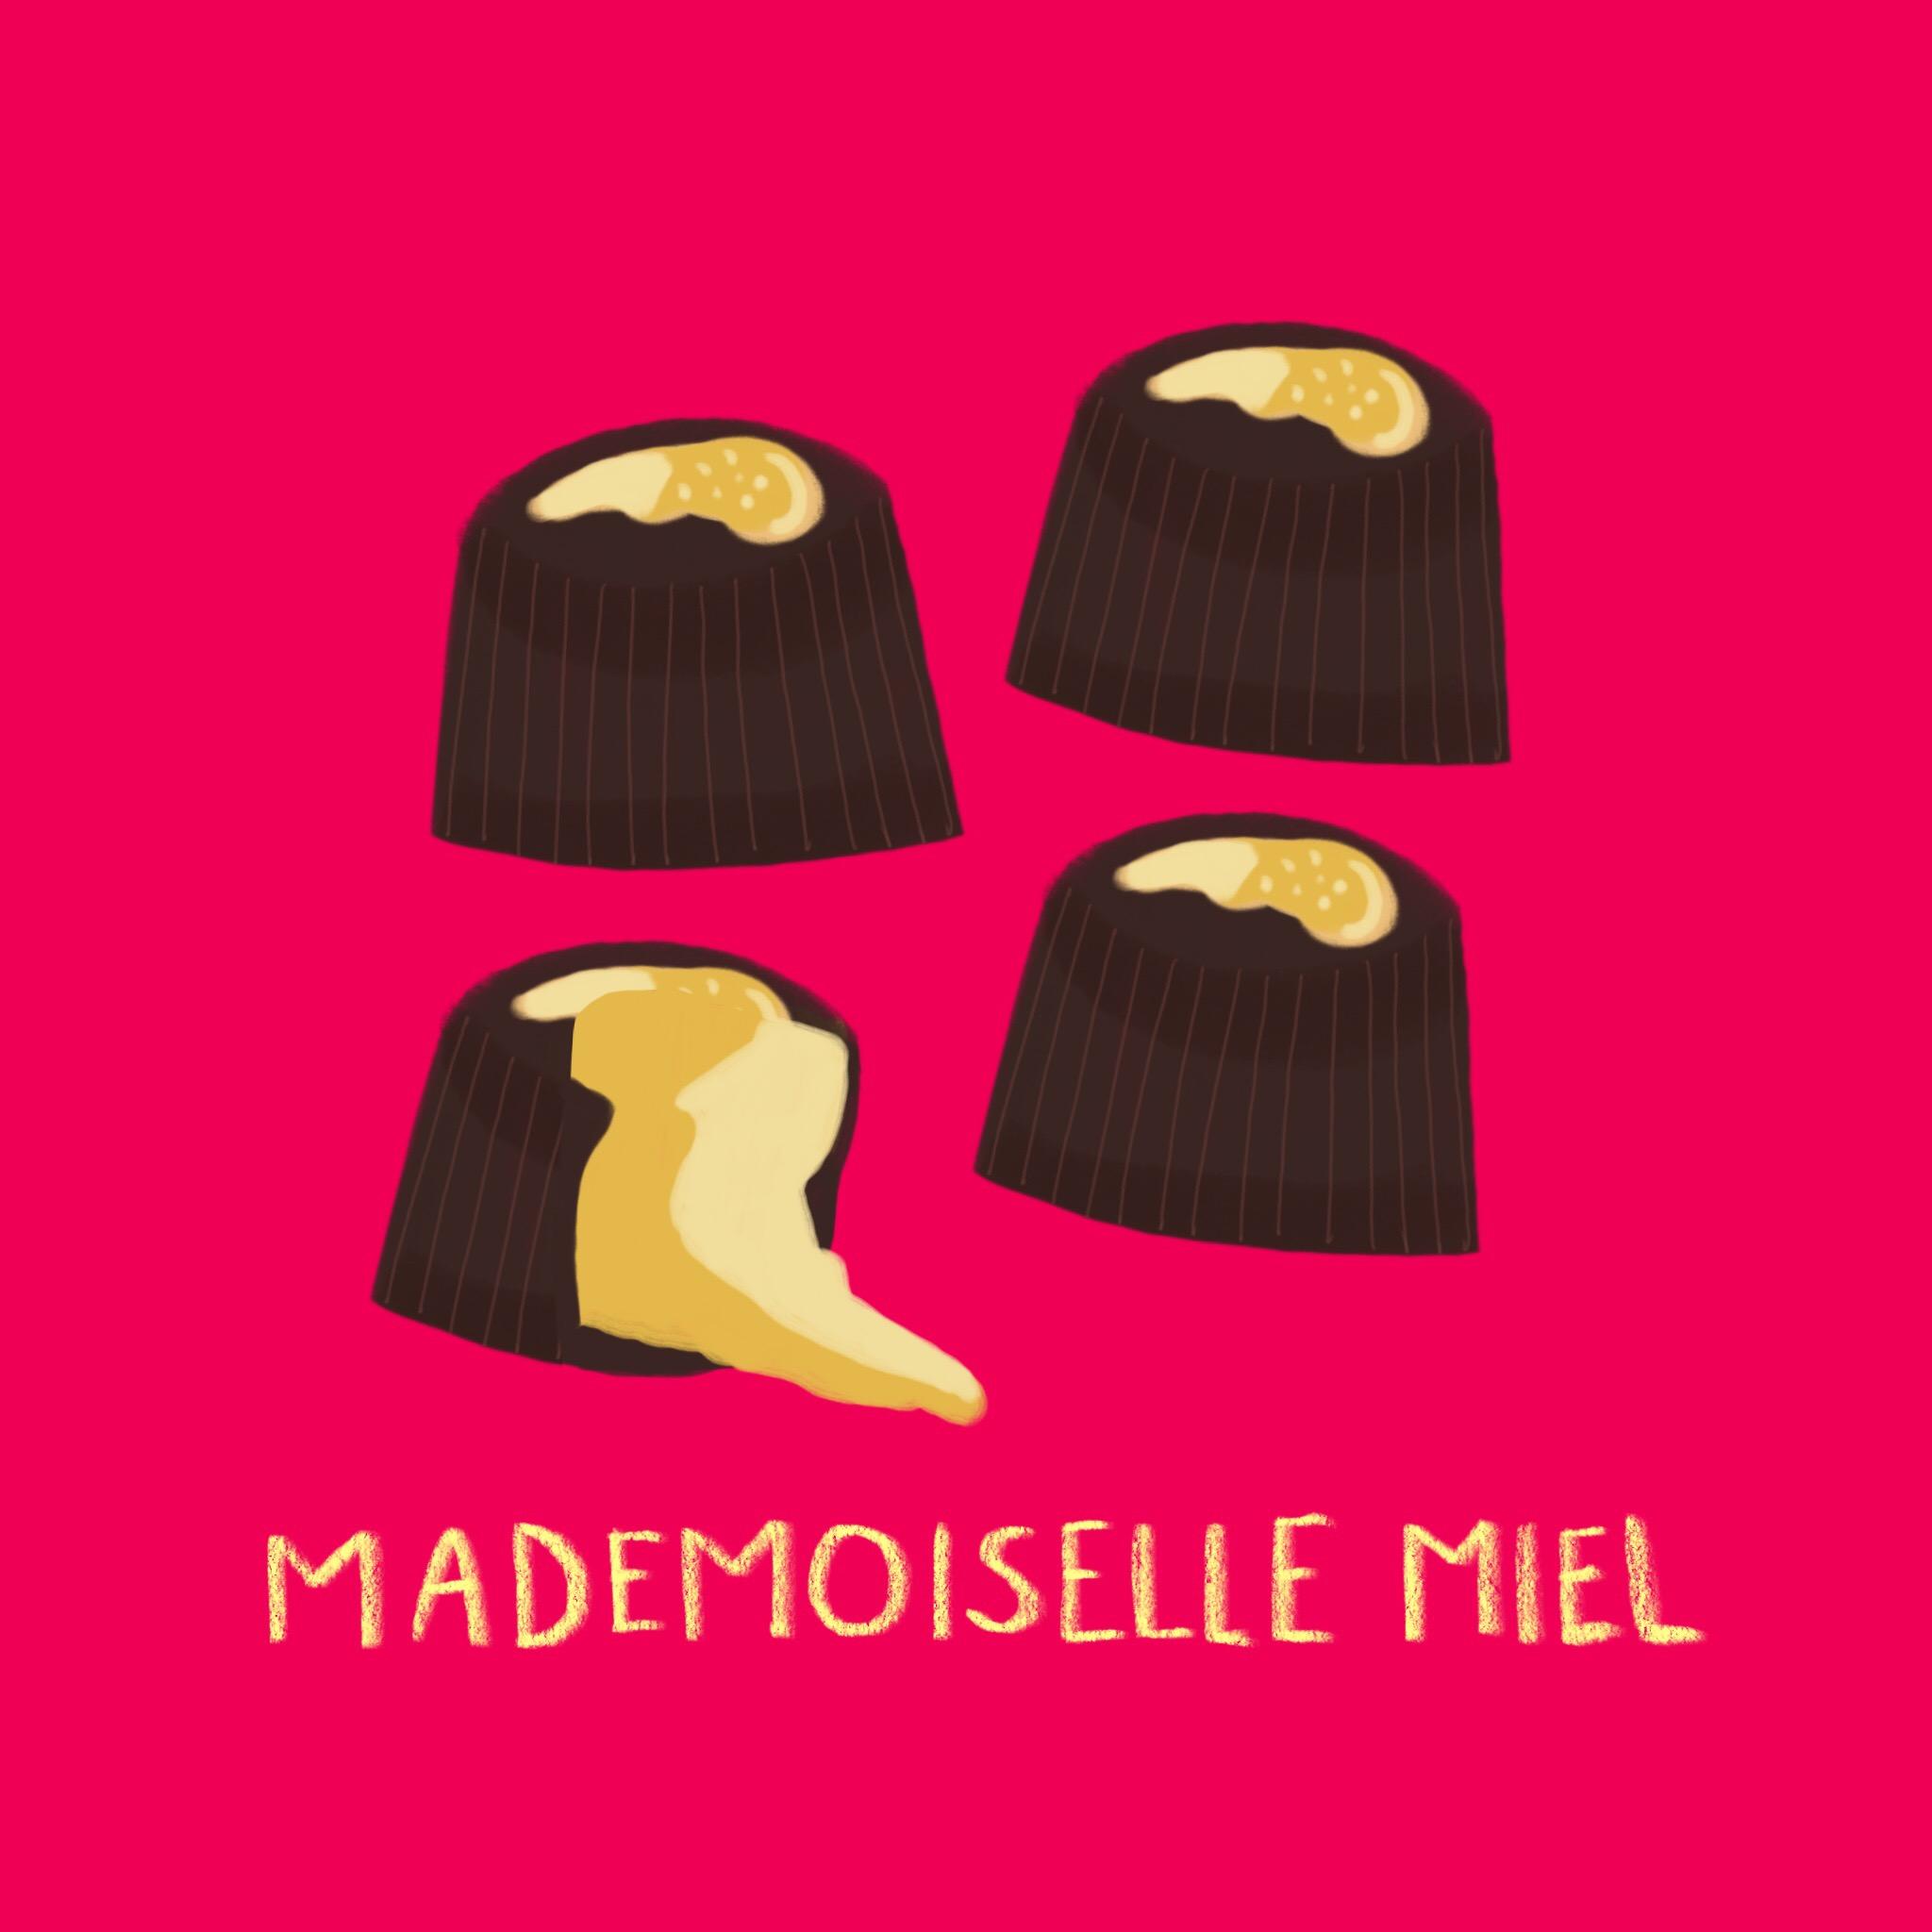 66_-_Mademoiselle_Miel.jpg